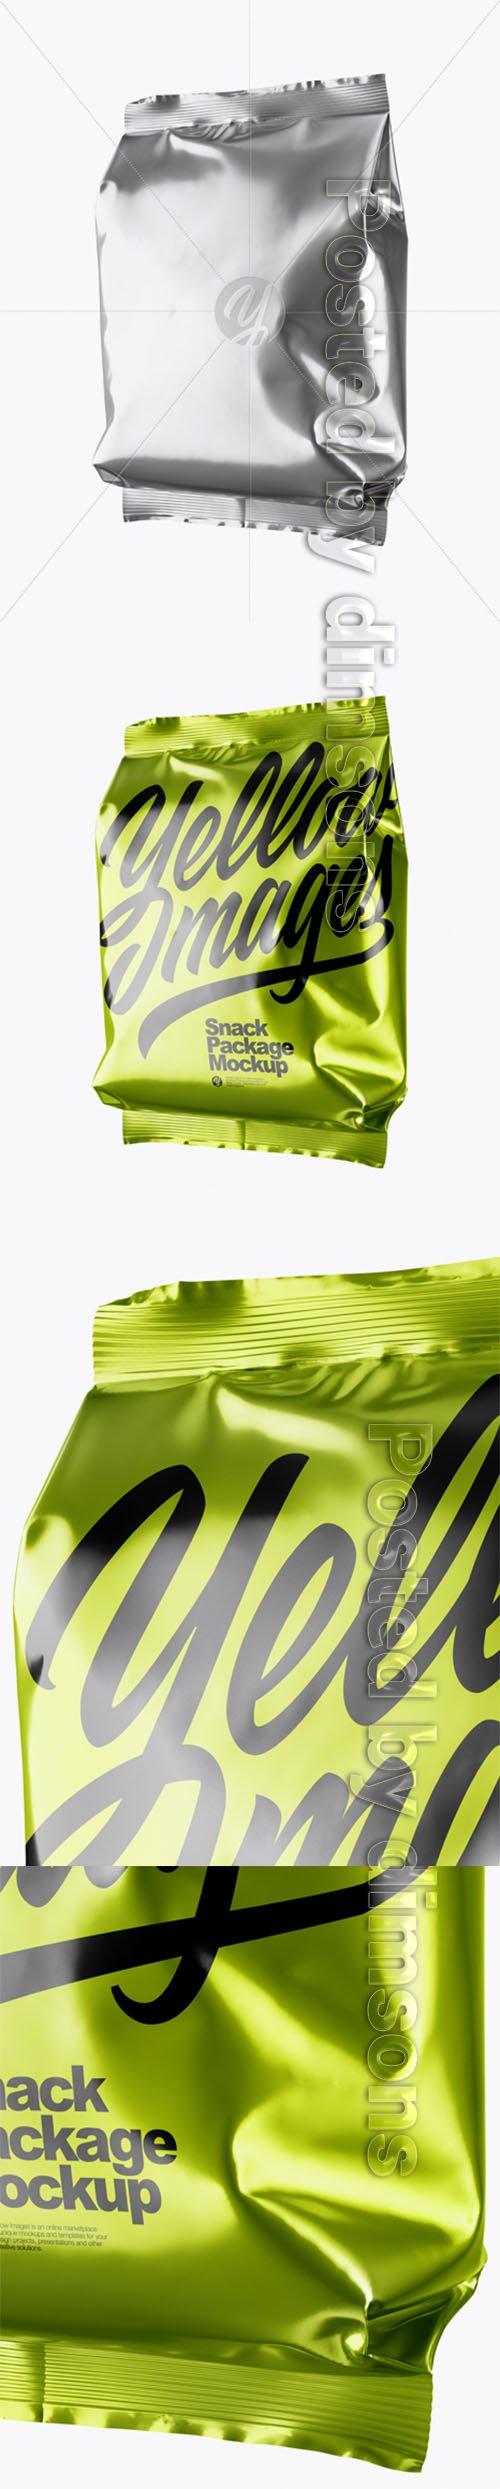 Metallic Snack Package Mockup - Half Side View 27560 TIF